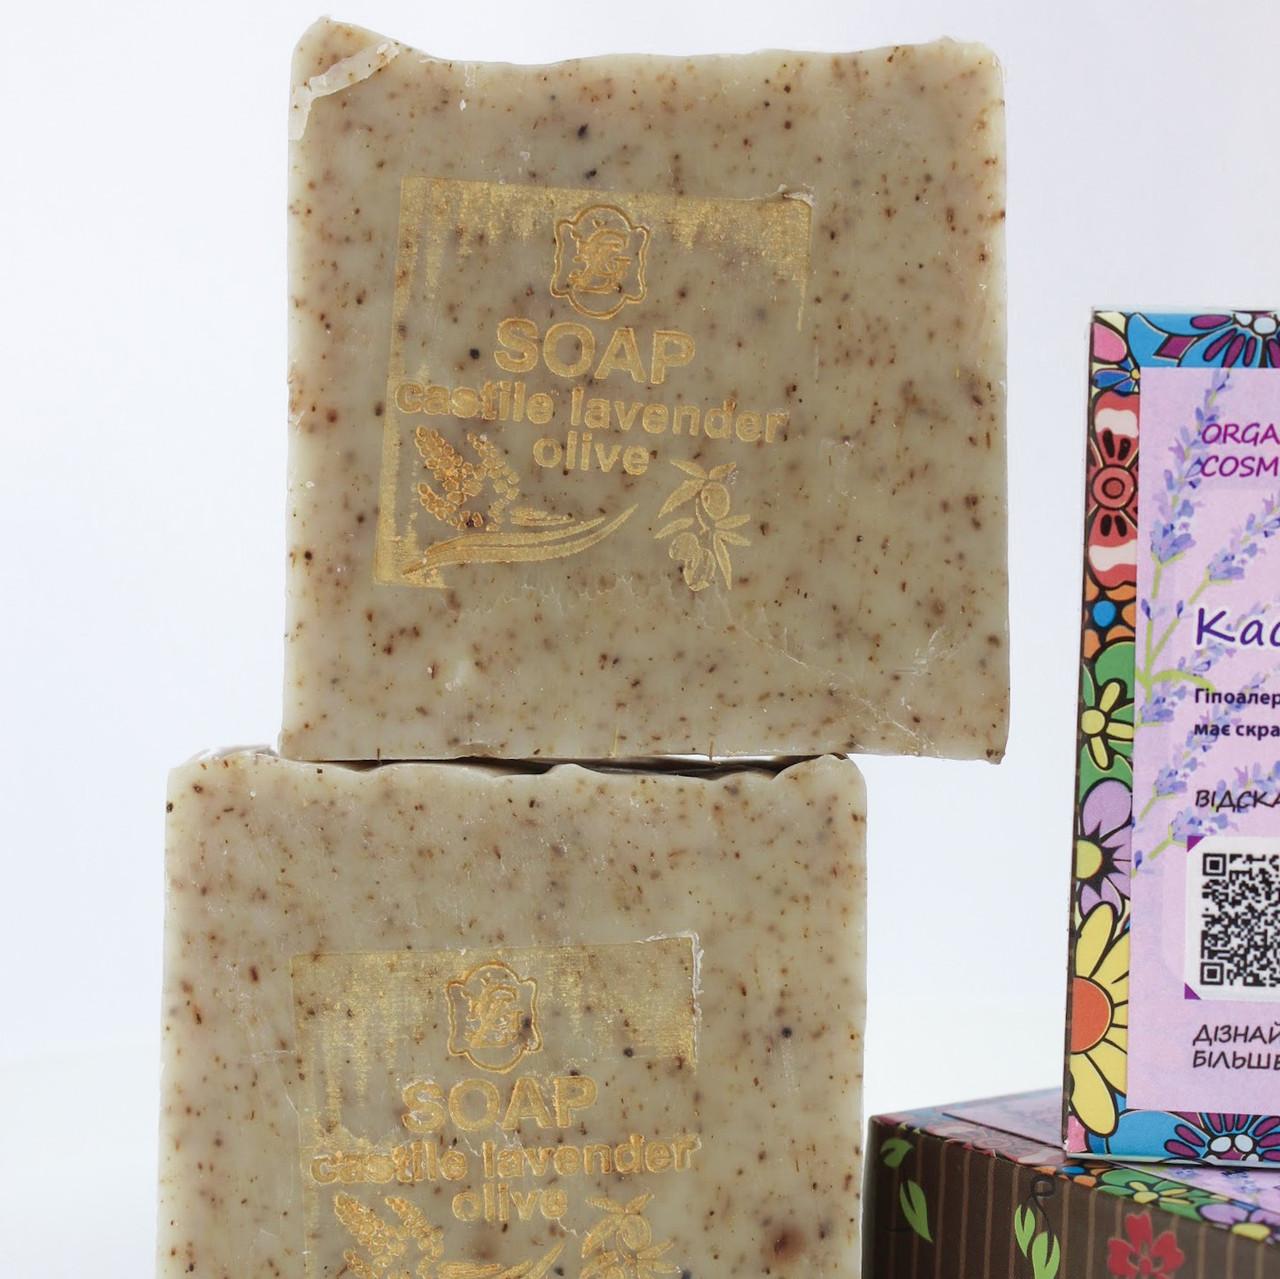 Мыло на оливковом масле ручной работы «Кастильское» с лавандой 500 г эконом упаковка